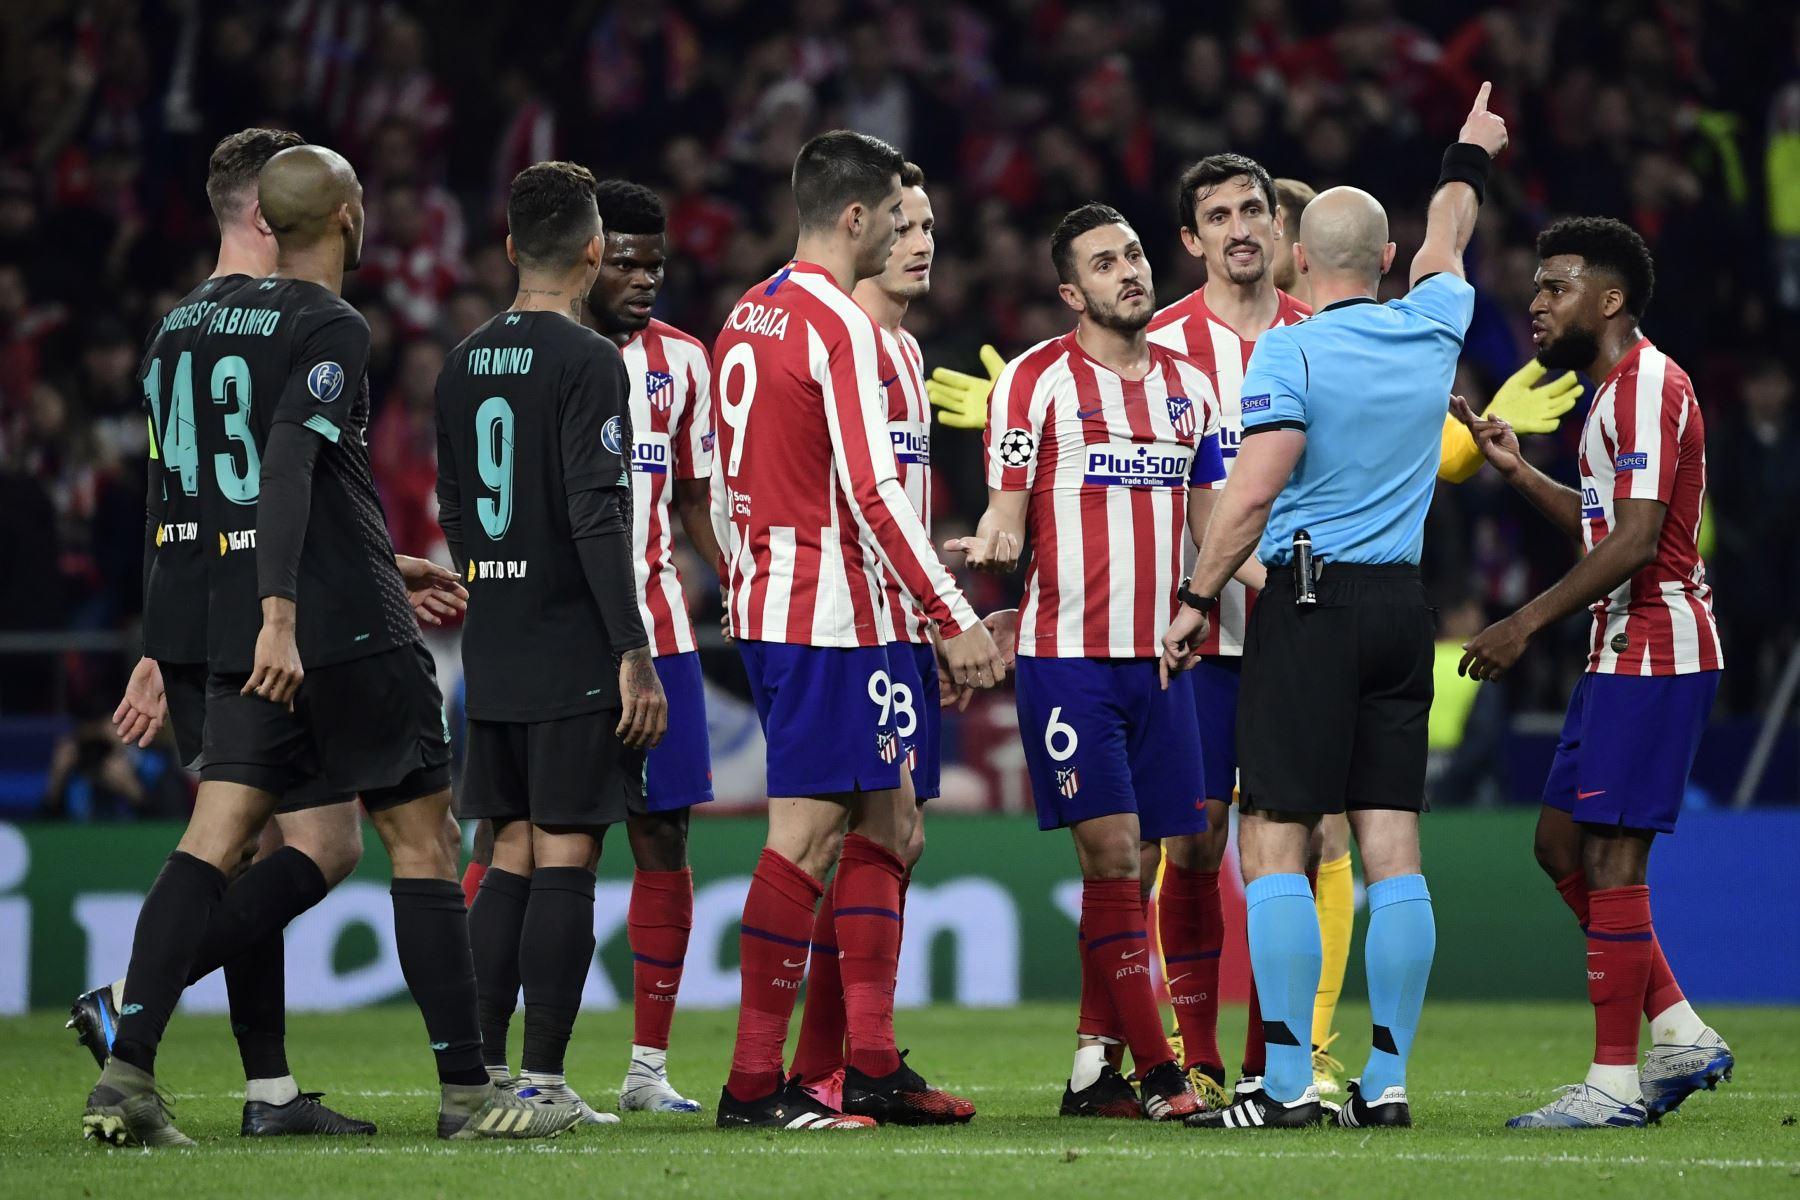 Los jugadores del Atlético de Madrid protestan ante el árbitro polaco Szymon Marciniak durante la UEFA Champions League, octavos de final.Foto:AFP